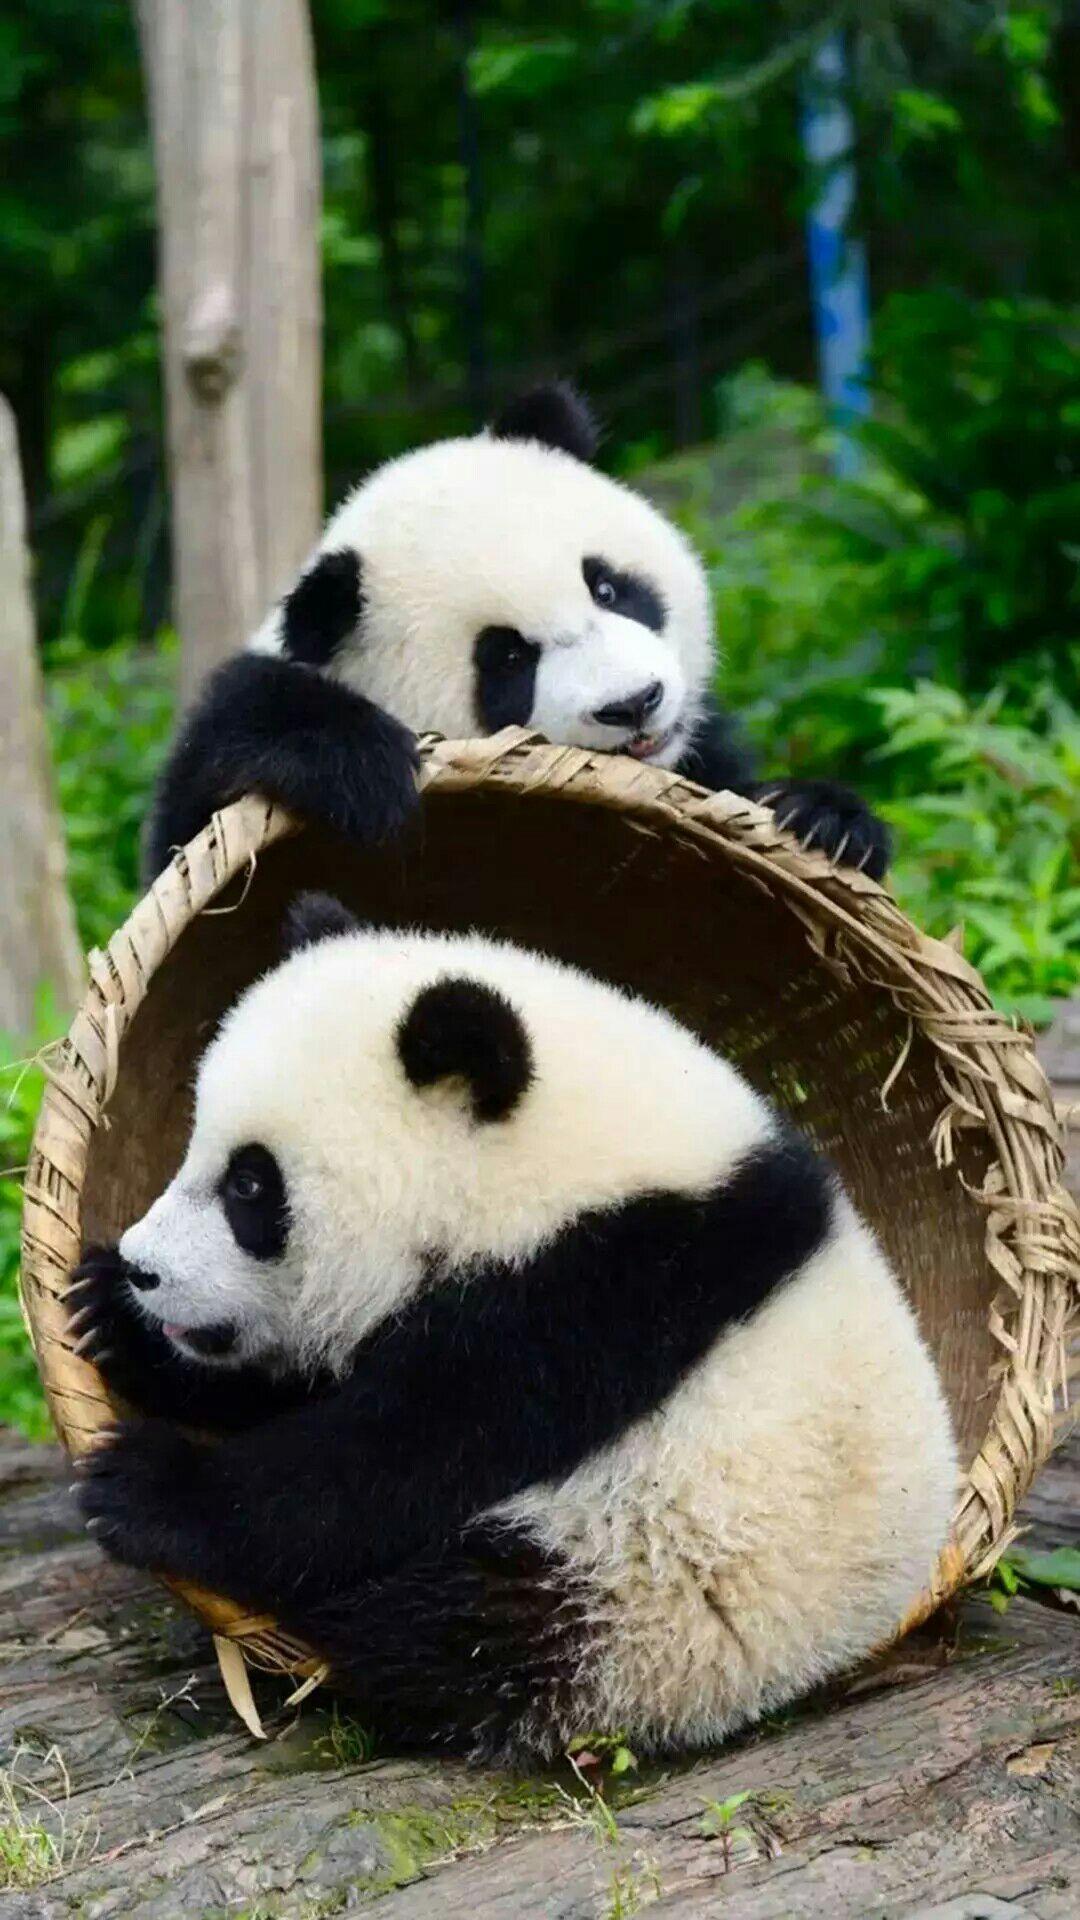 图片壁纸_有没有很喜欢的熊猫图片壁纸? - 知乎